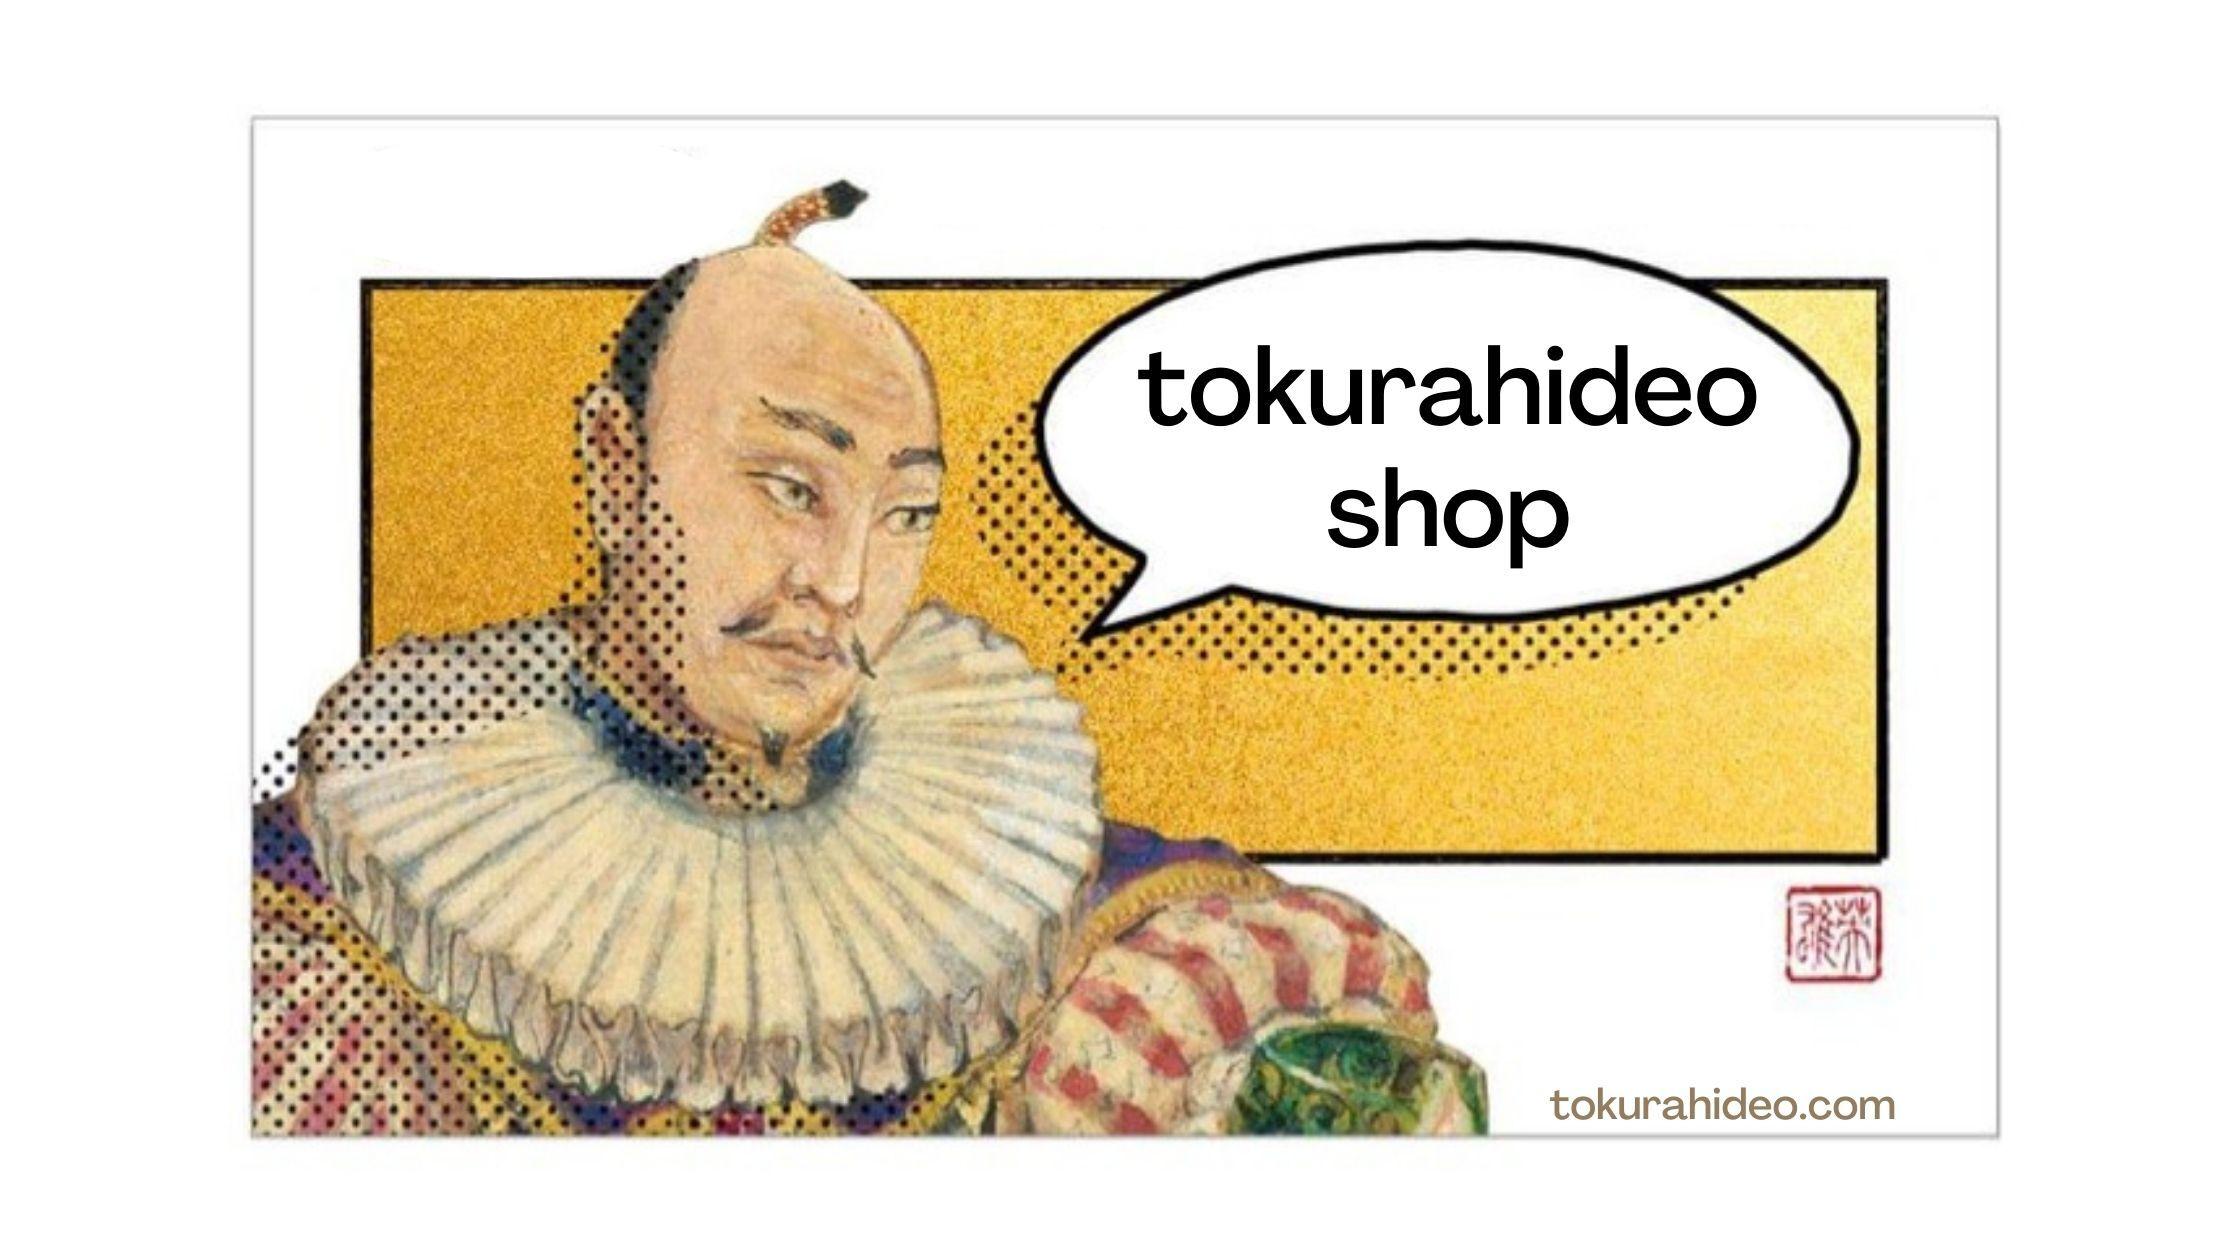 tokurahideo shop